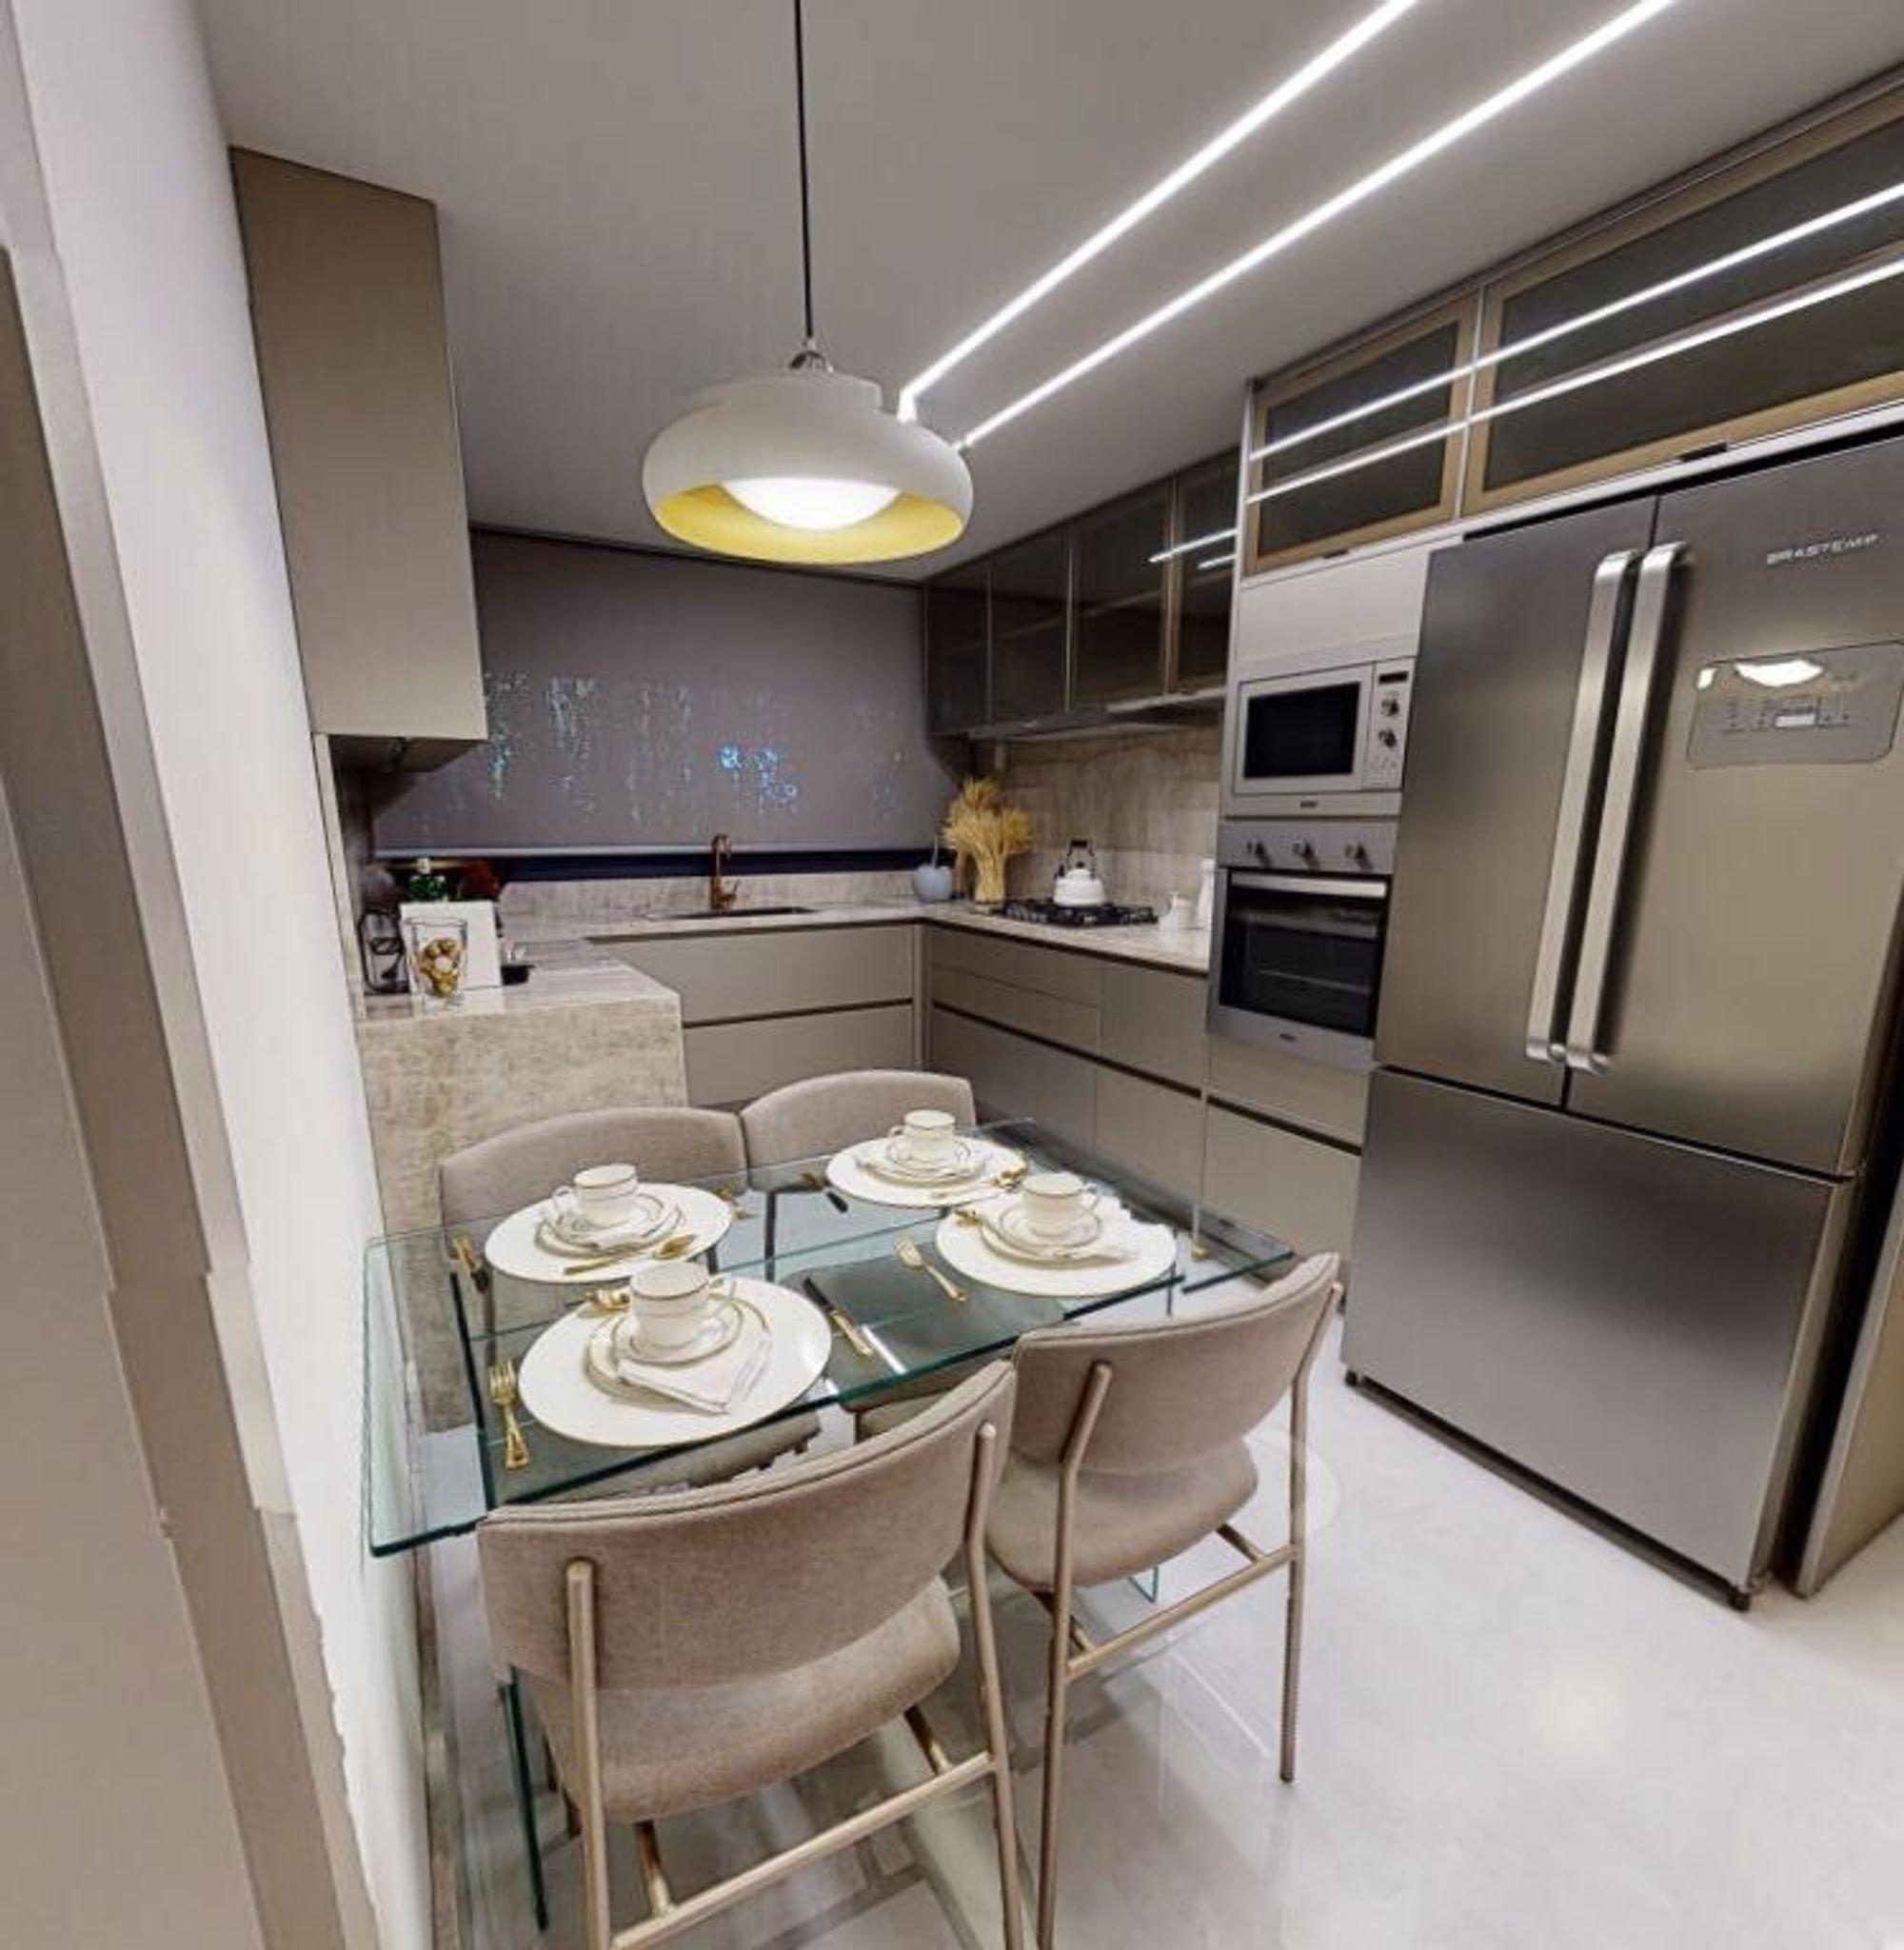 Foto de Cozinha com forno, pia, cadeira, mesa de jantar, tigela, geladeira, microondas, xícara